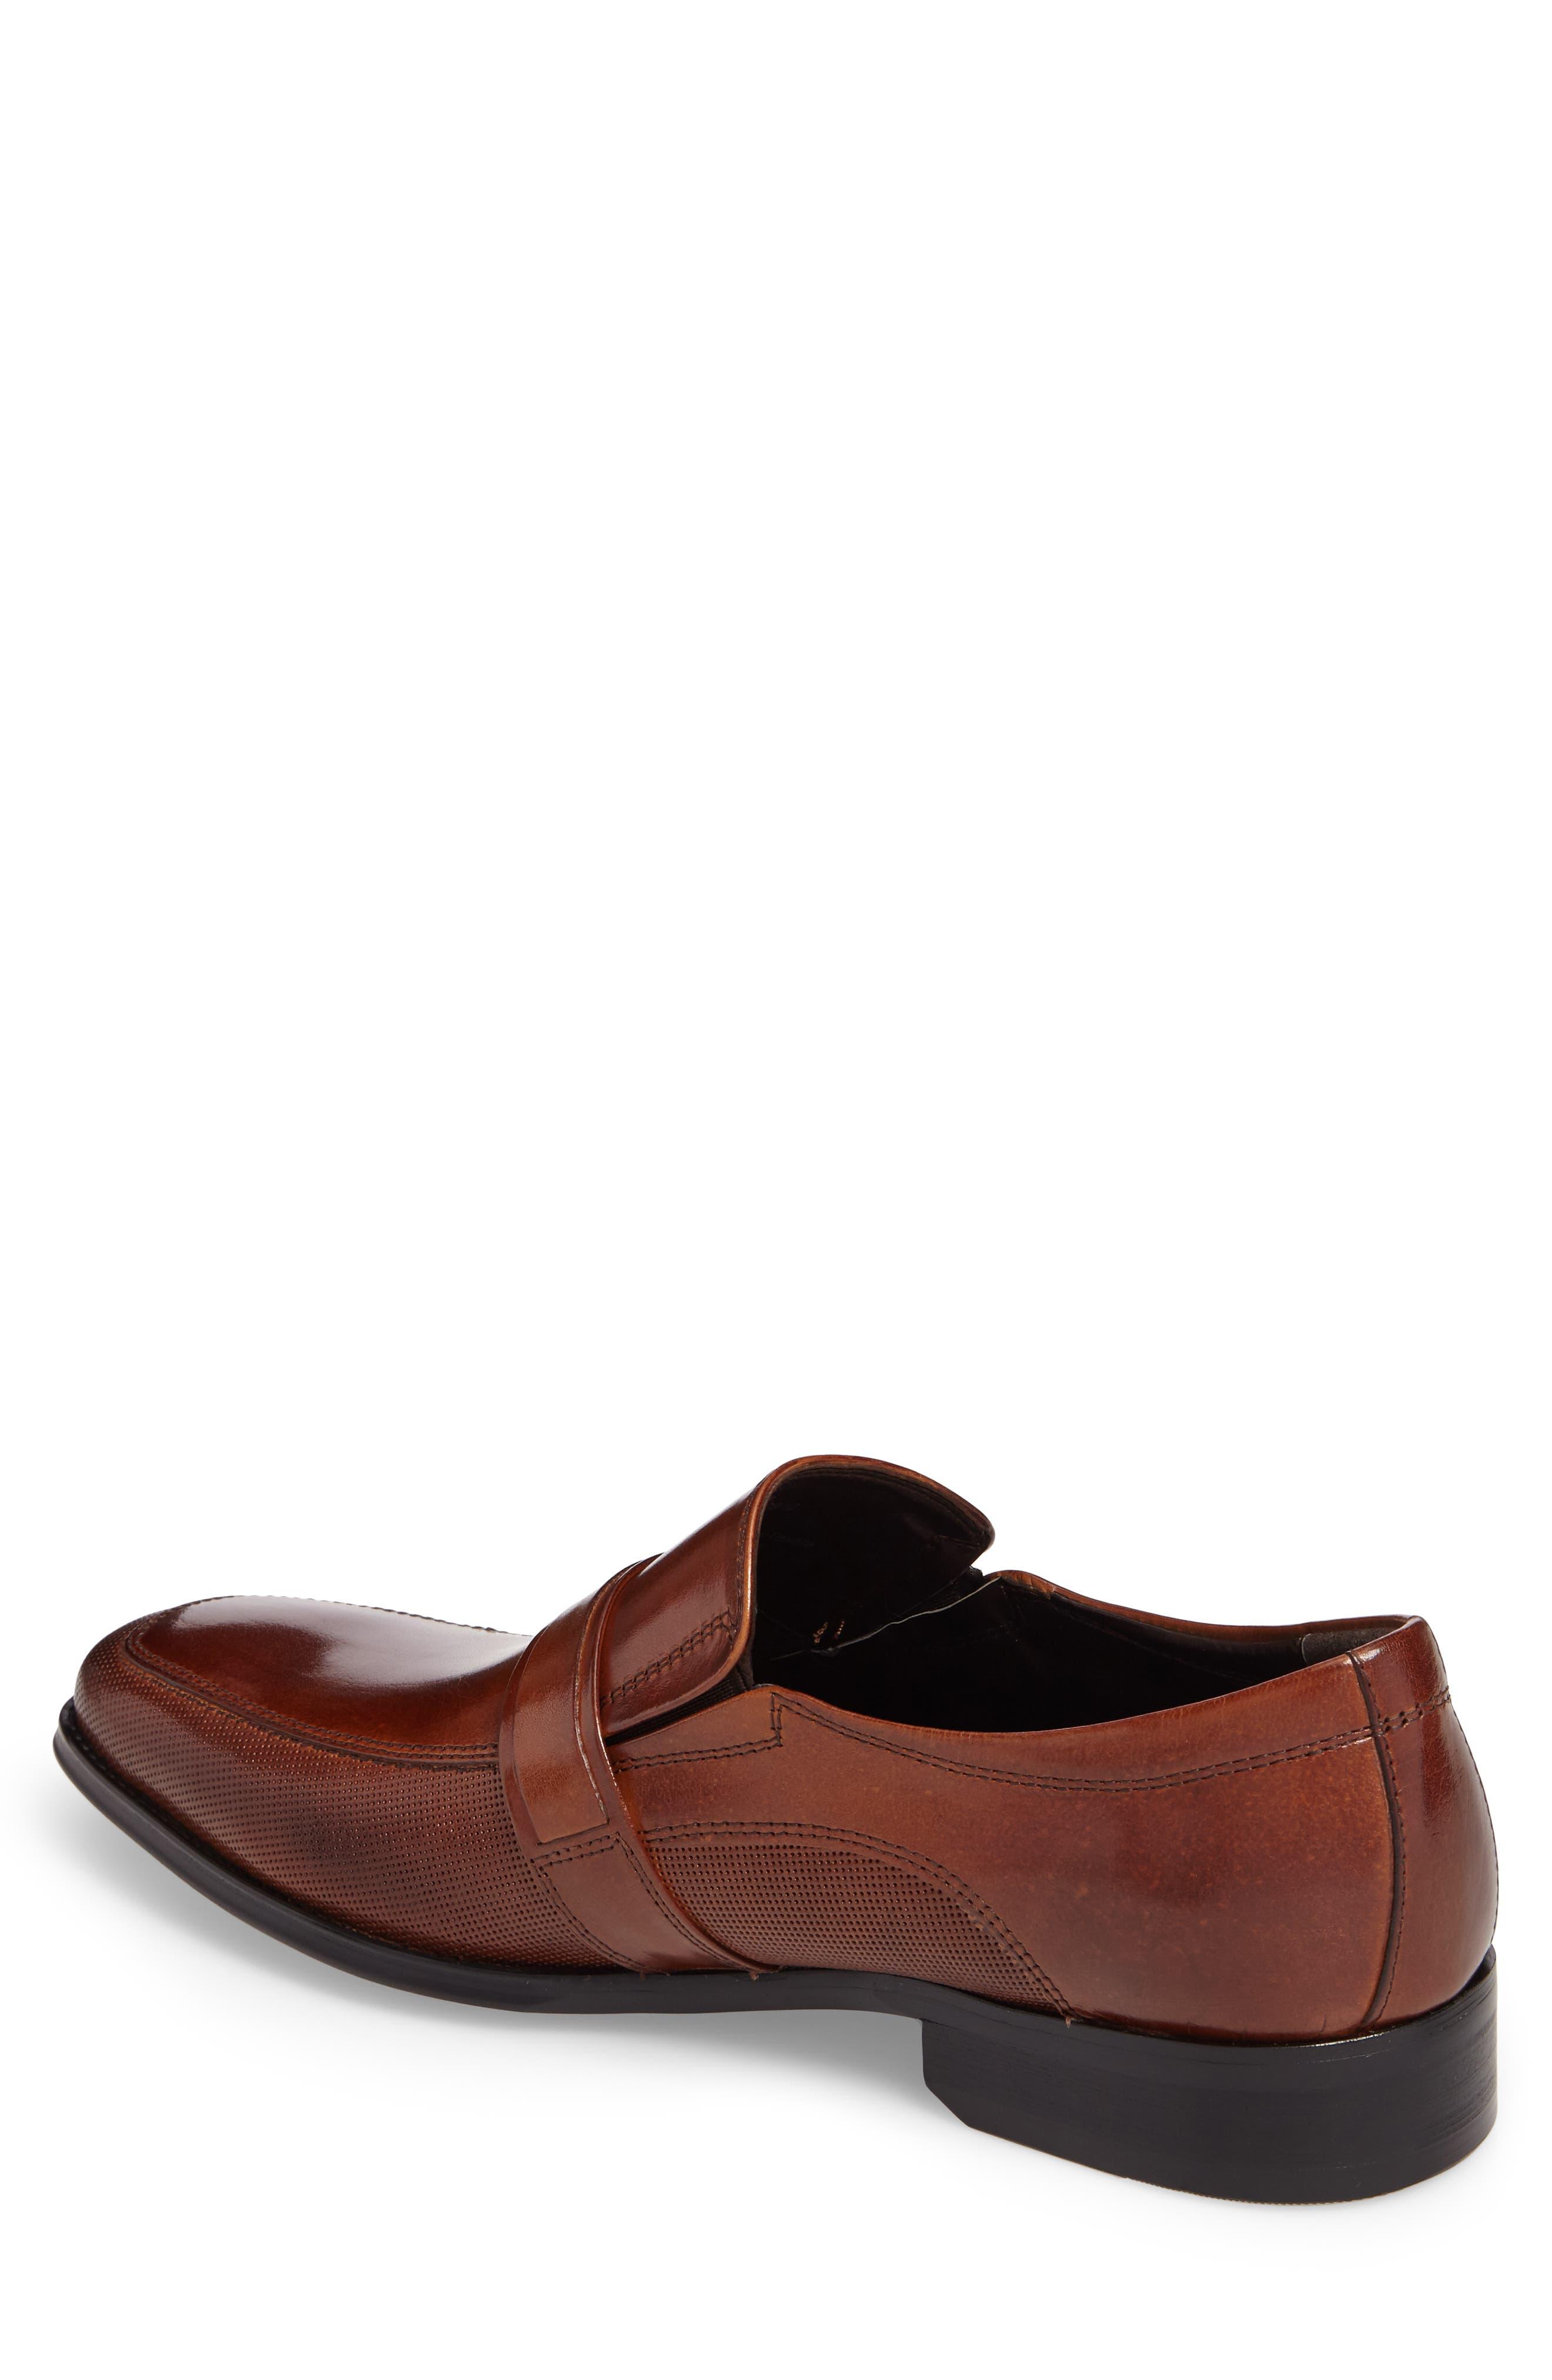 Alternate Image 2  - Reaction Kenneth Cole Design 20912 Banded Loafer (Men)